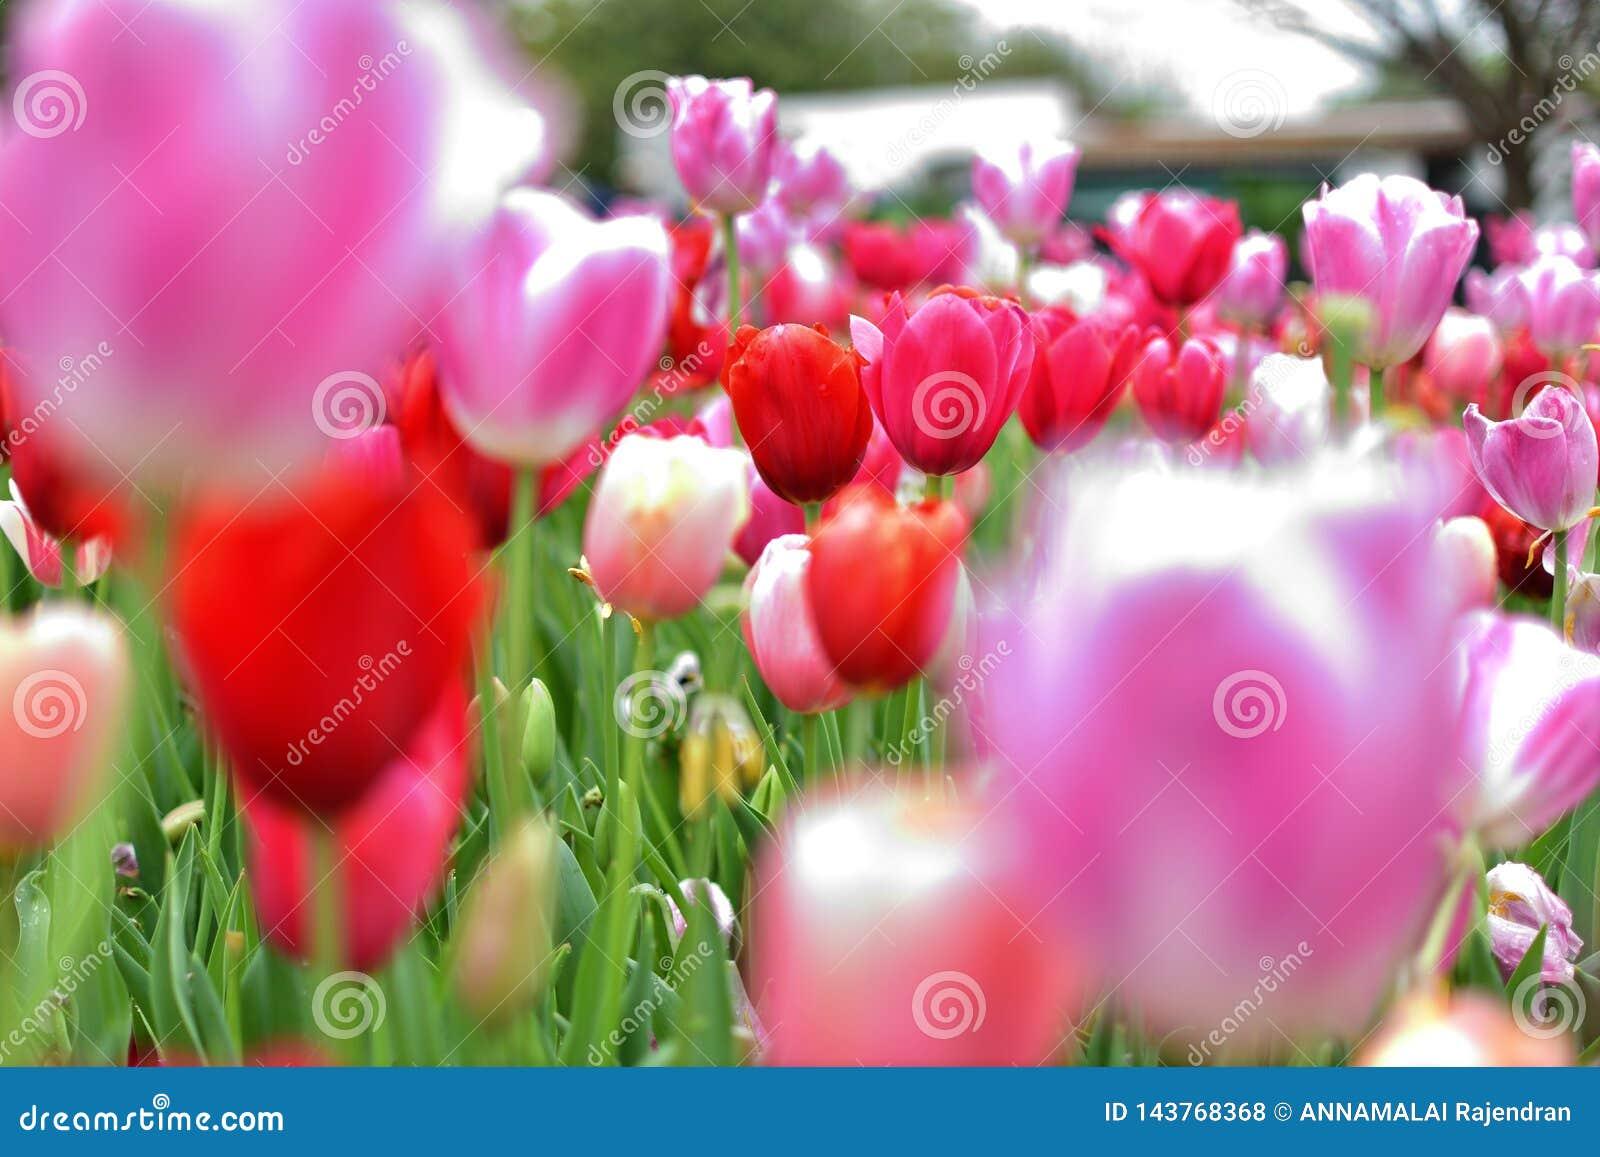 Tulipe rose avec le forground blured